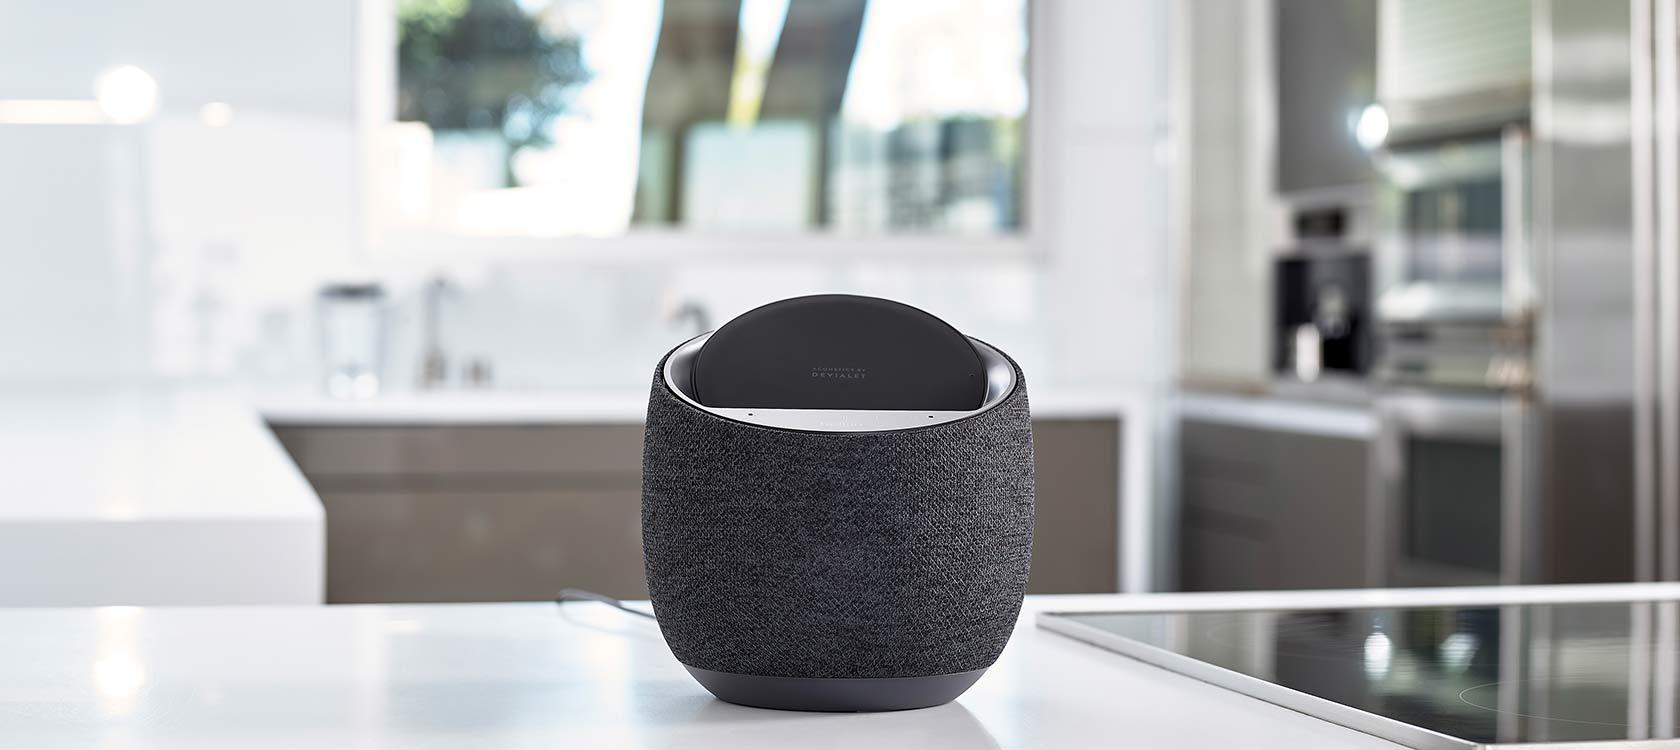 Belkin Soundform Elite - głośnik z Asystentem Google i ładowarką indukcyjną 17